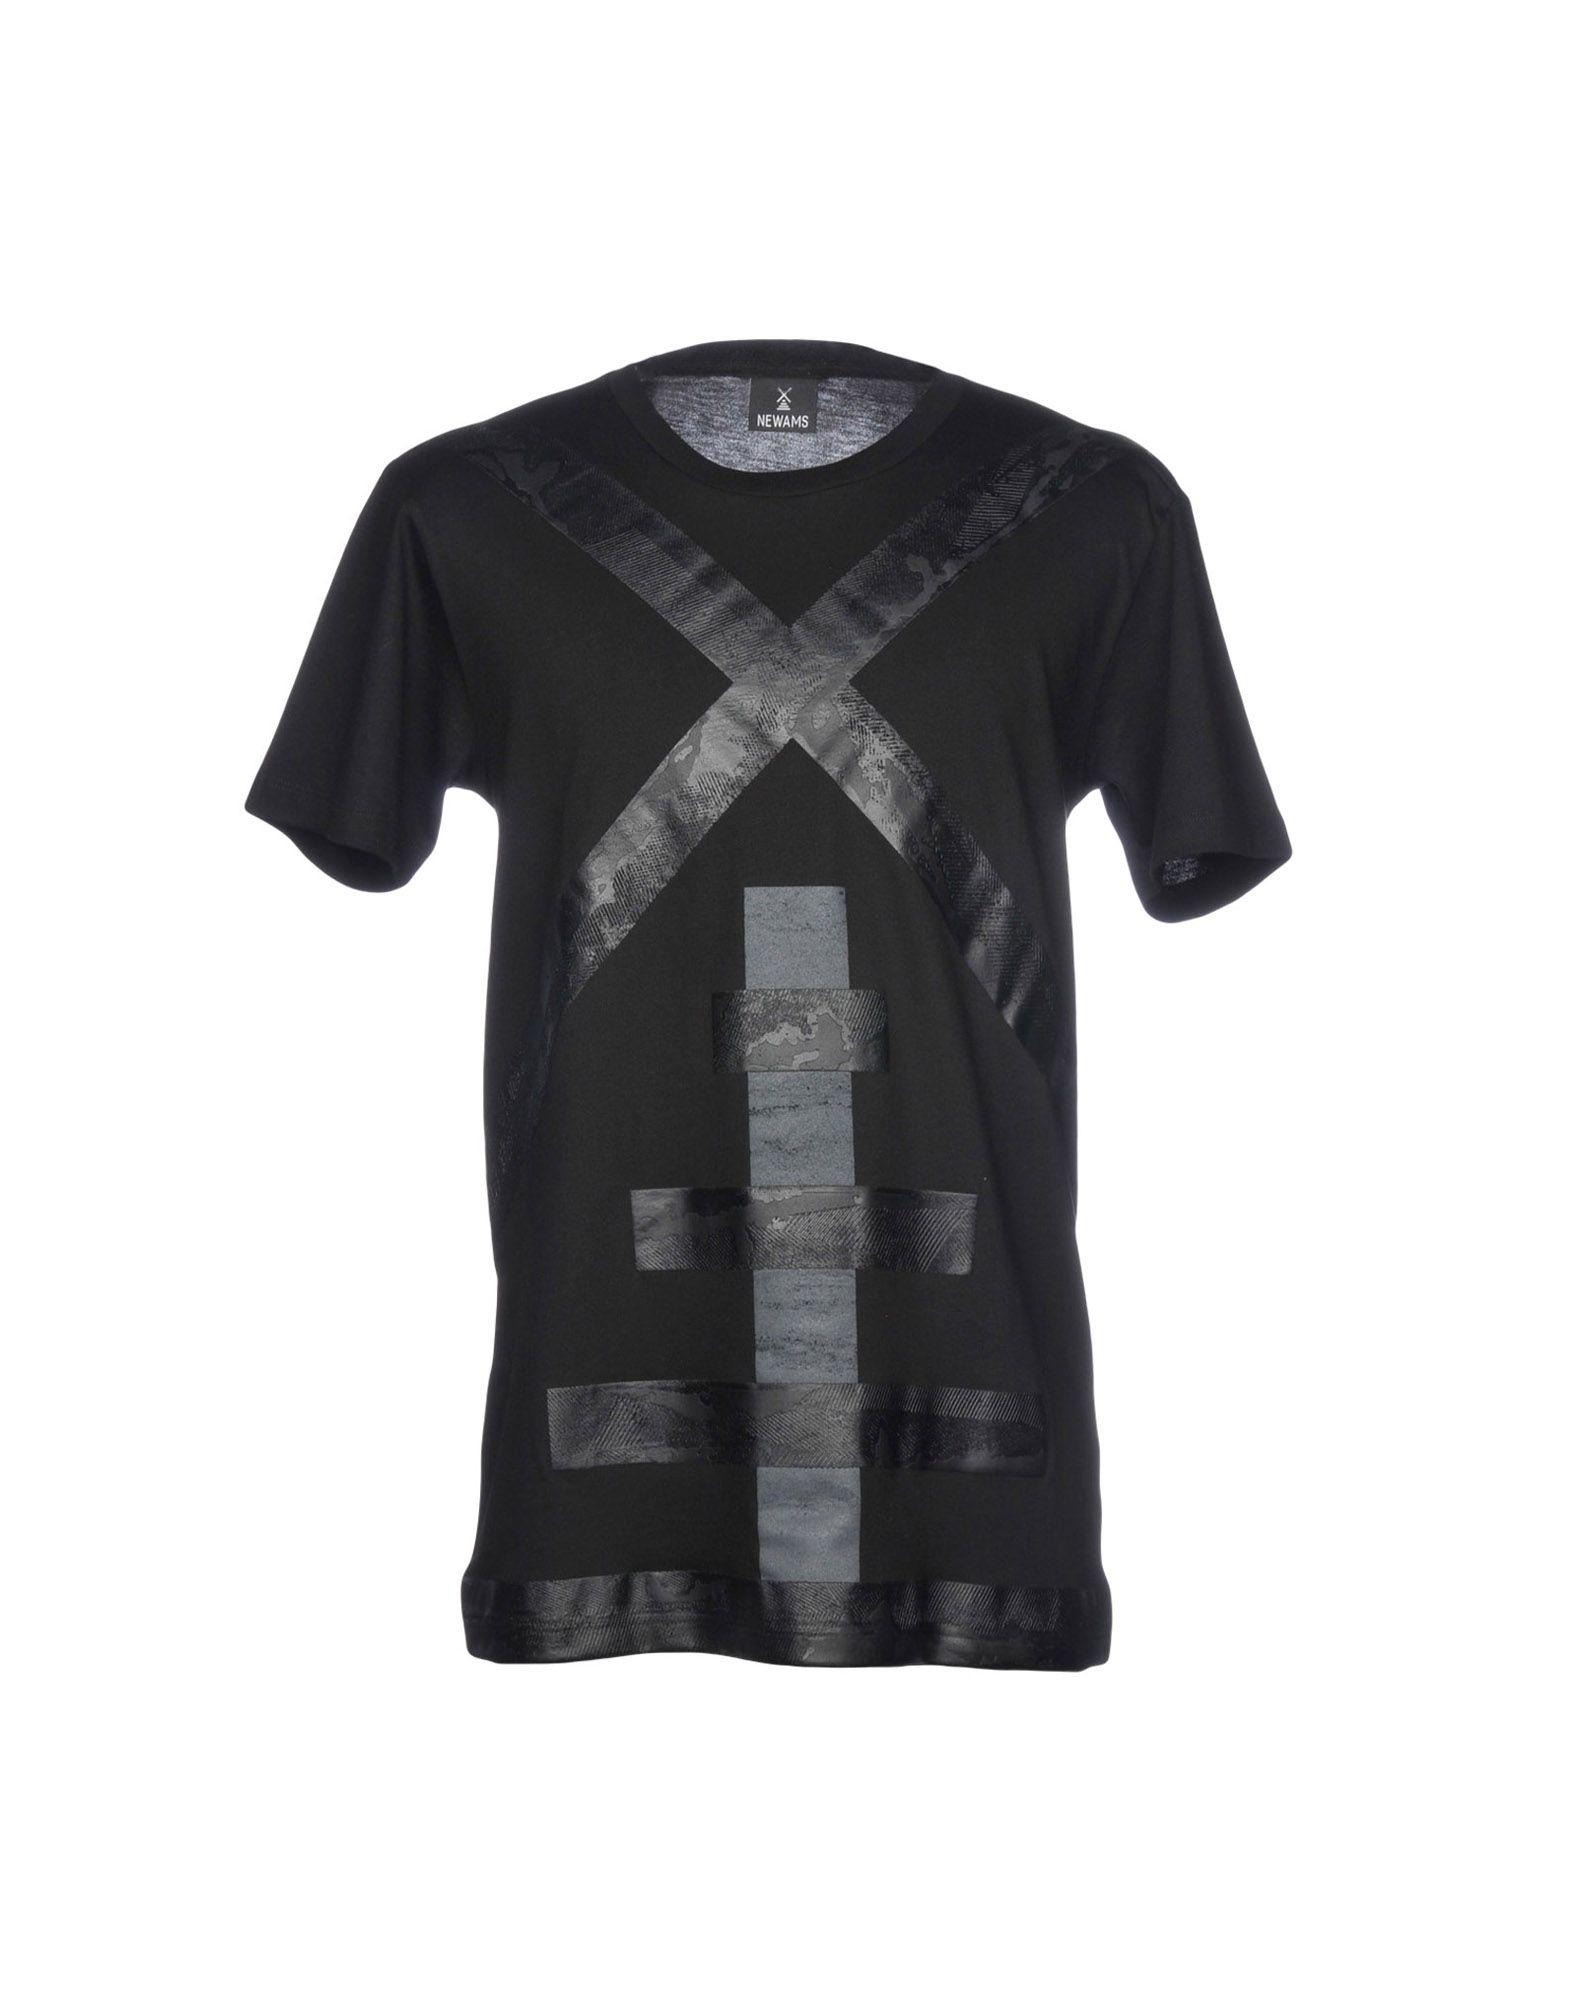 A Nuovoams buon mercato A buon mercato T-Shirt Nuovoams A Uomo - 12198131FE 9fb21c